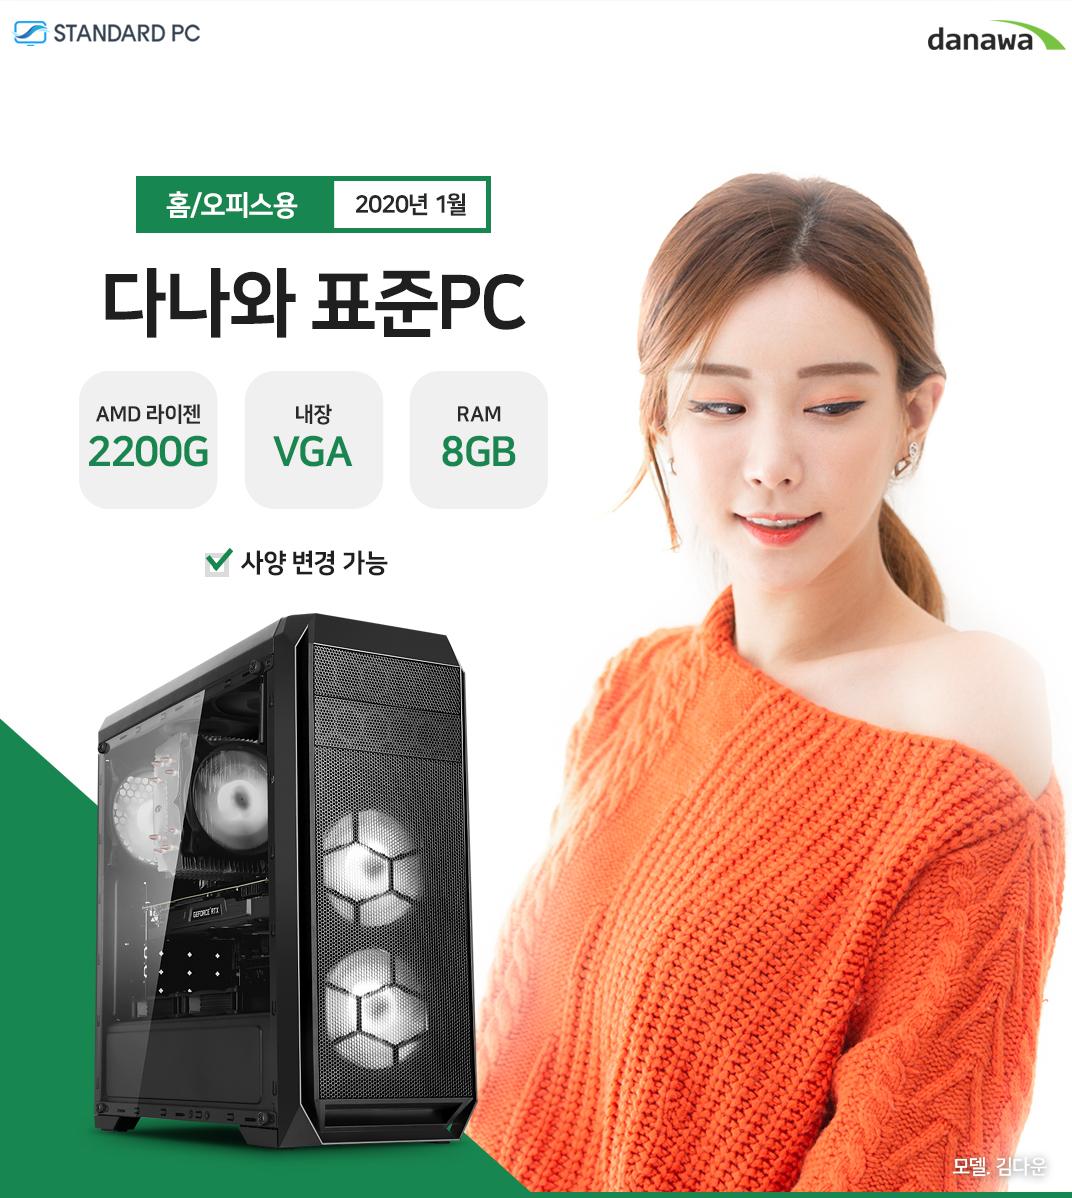 2020년 01월 다나와 표준PC 홈/오피스용 AMD 라이젠3 2200G 내장 VGA RAM 4G 모델 김다운